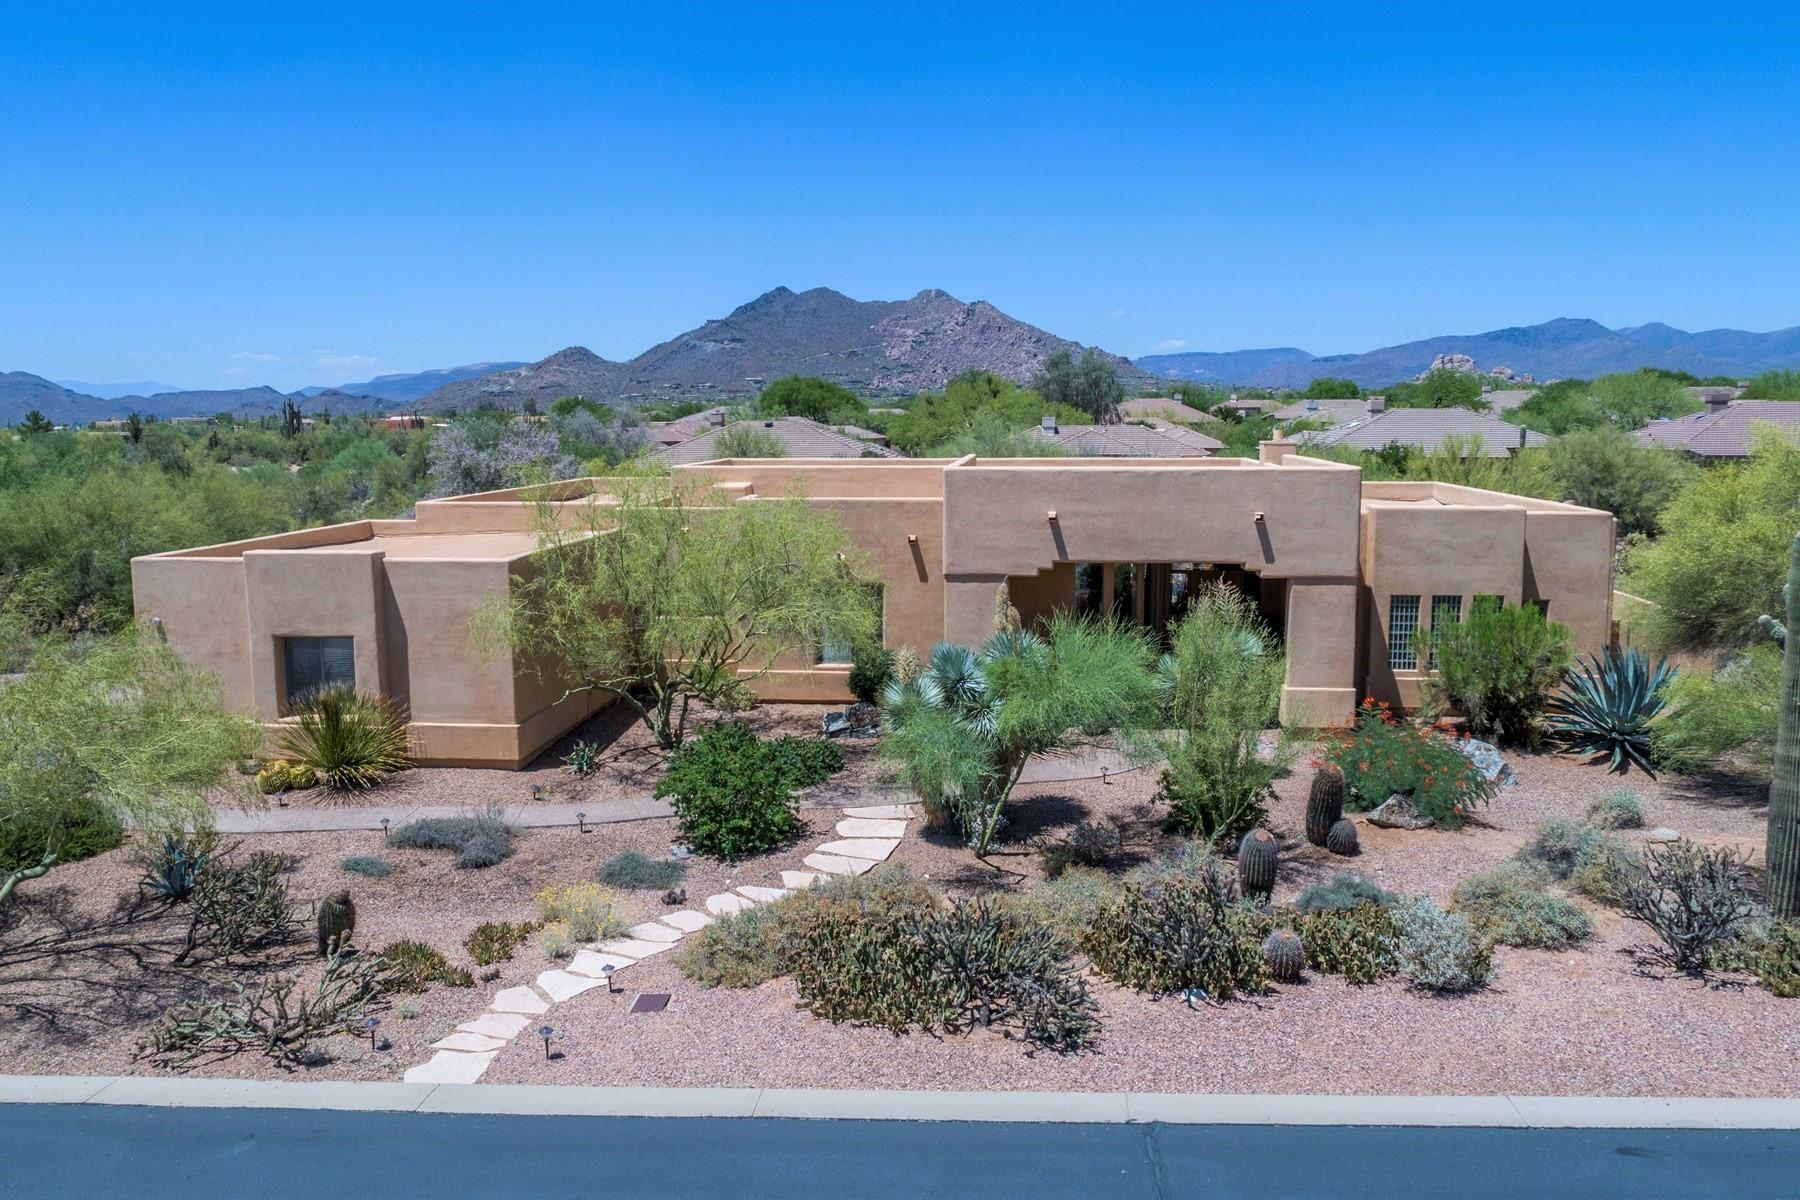 一戸建て のために 売買 アット Lovely mountains home in the gated community of Ironwood Retreat. 6848 E Burnside Trl Scottsdale, アリゾナ, 85266 アメリカ合衆国